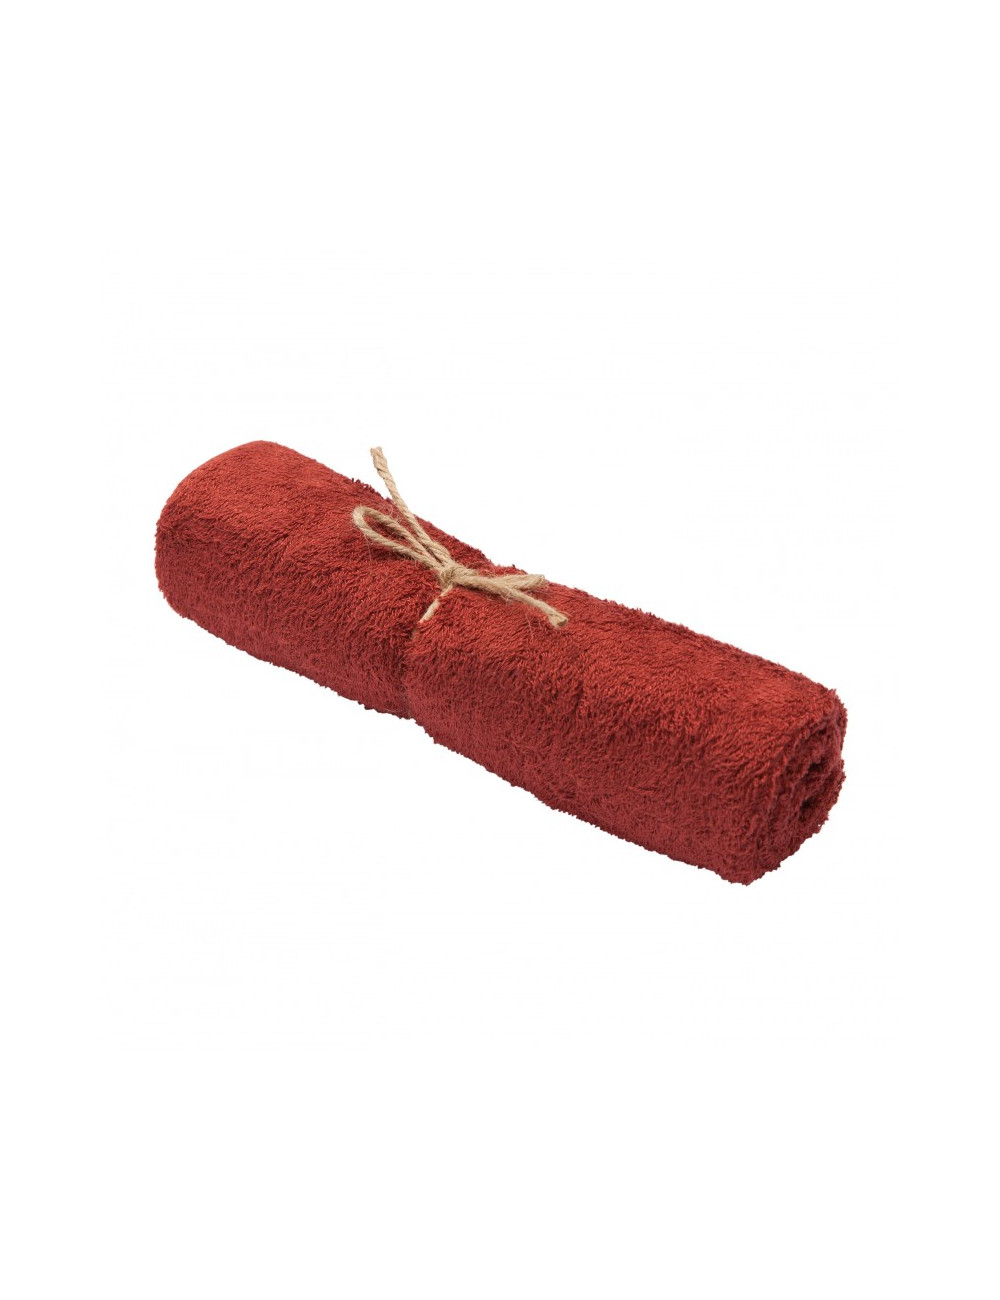 Handdoek | rosewood